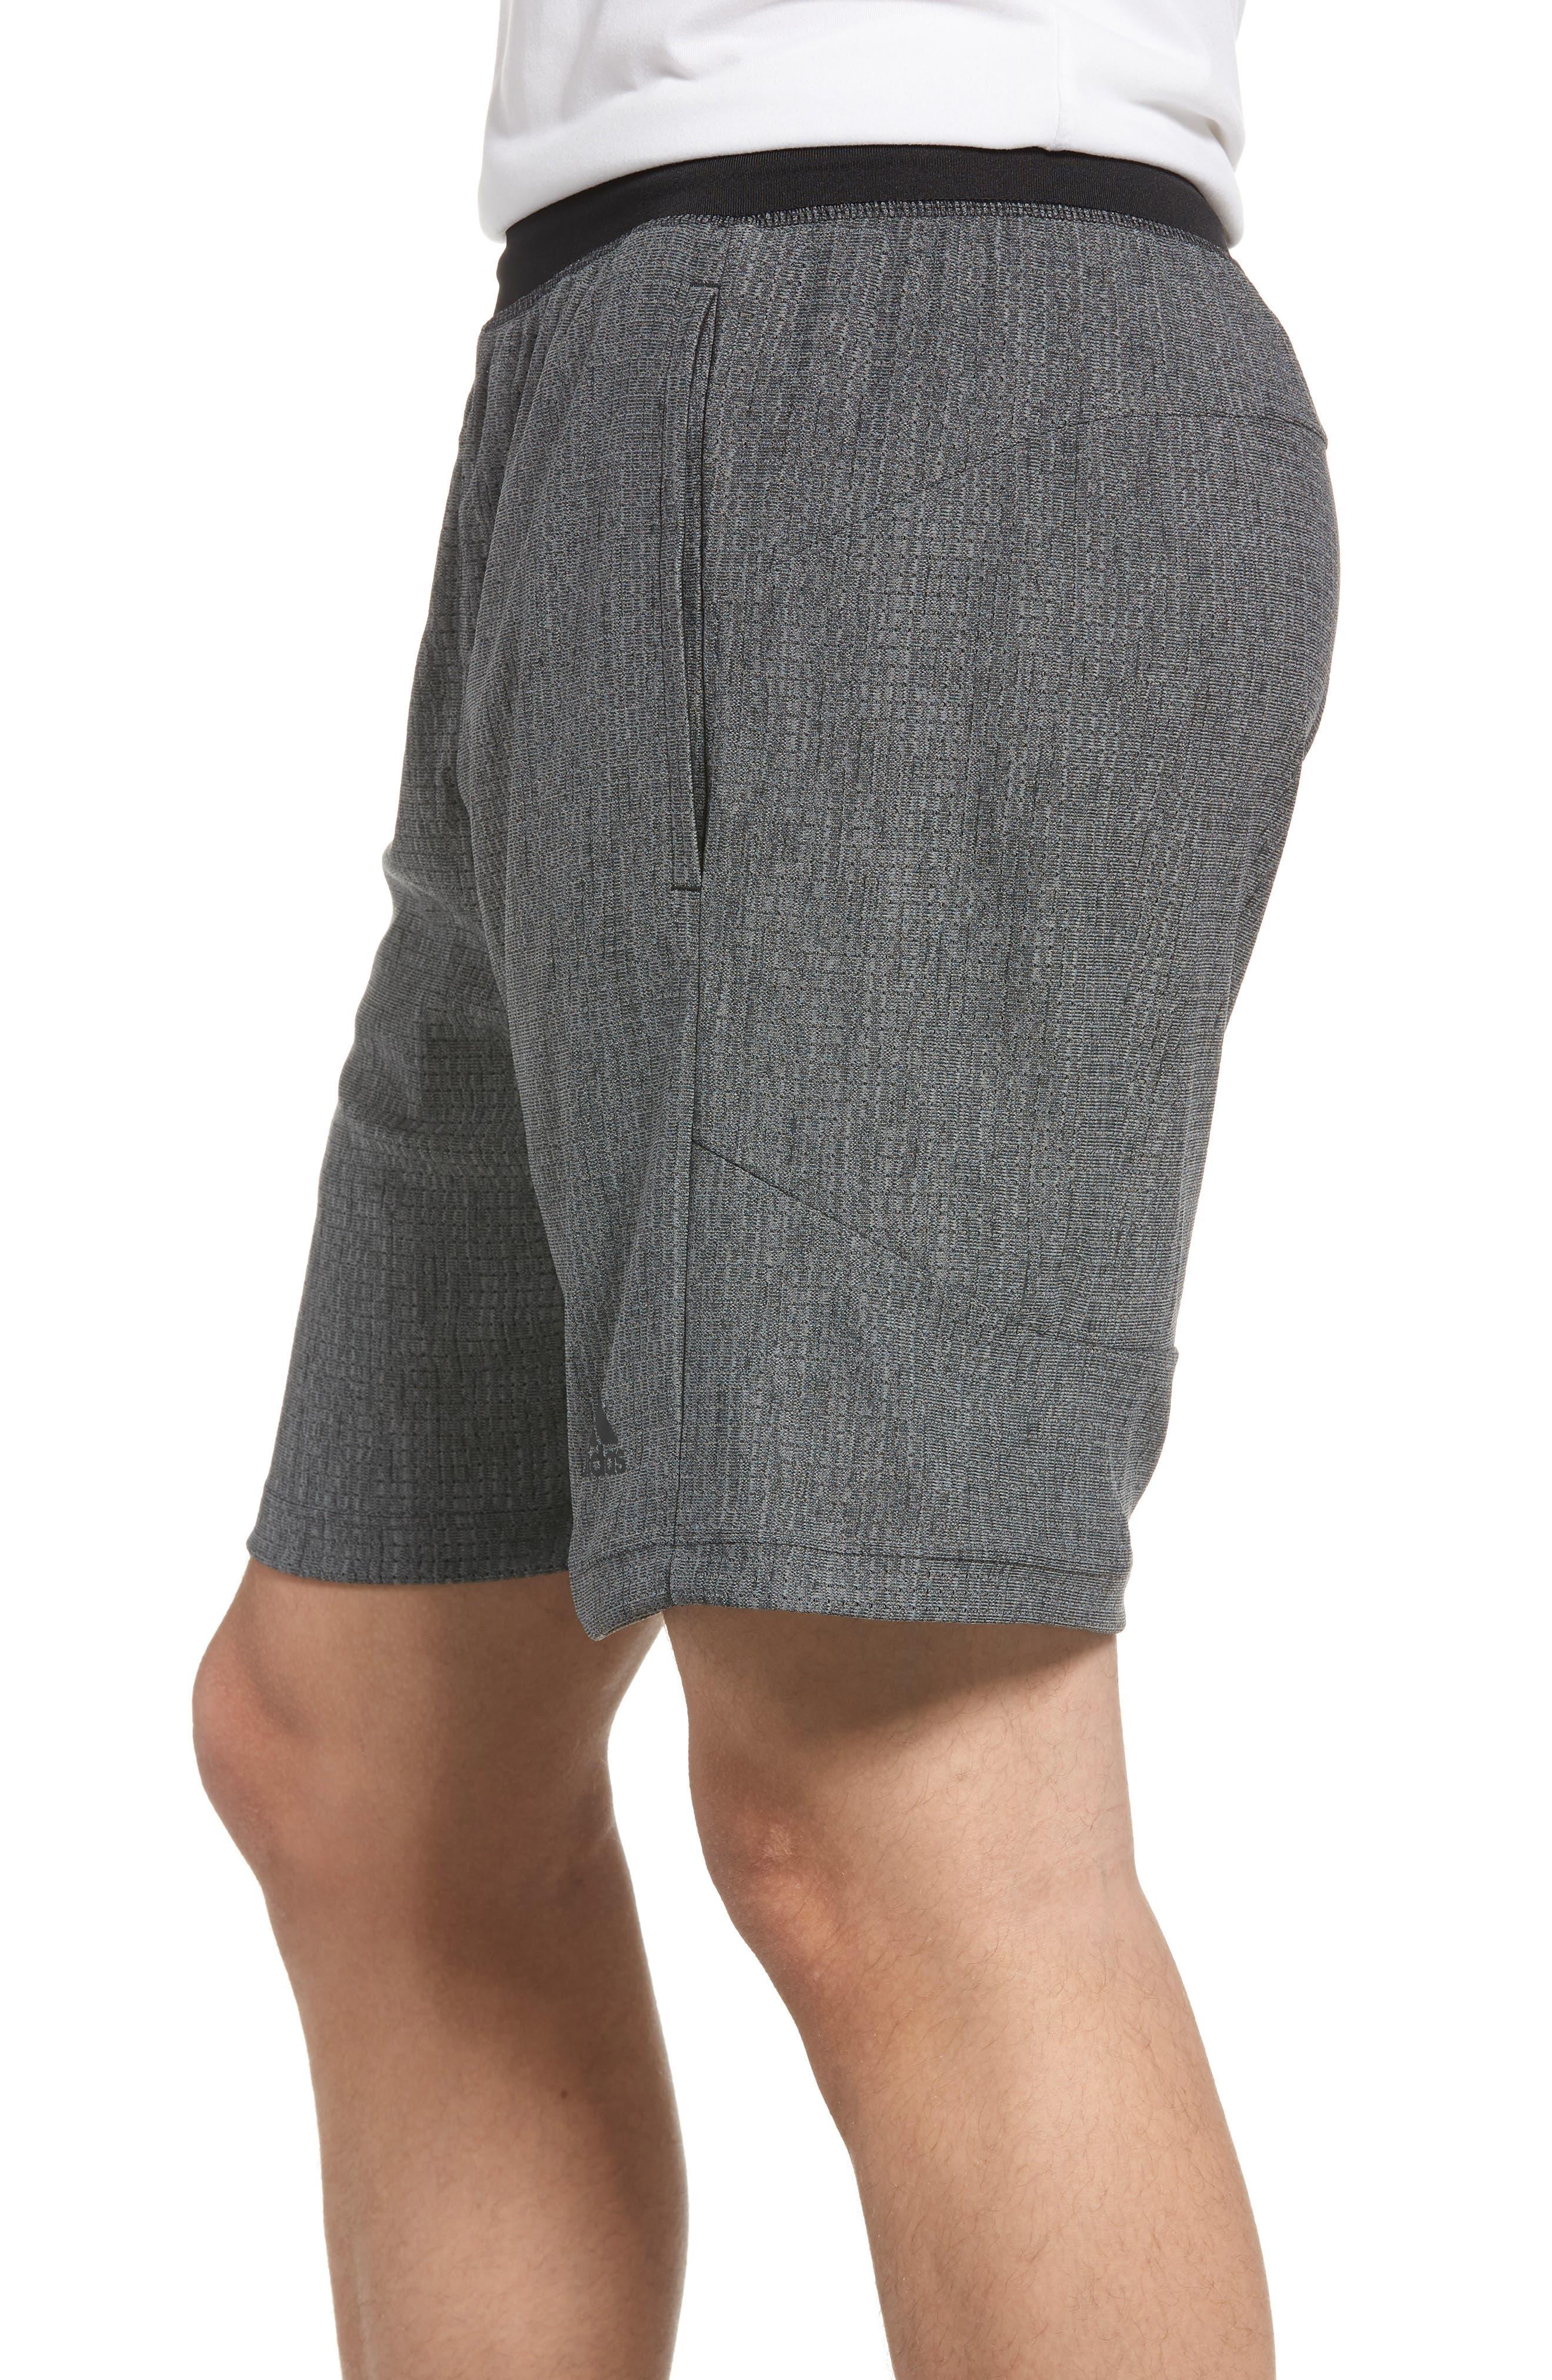 Speedbreaker Shorts,                             Alternate thumbnail 3, color,                             036